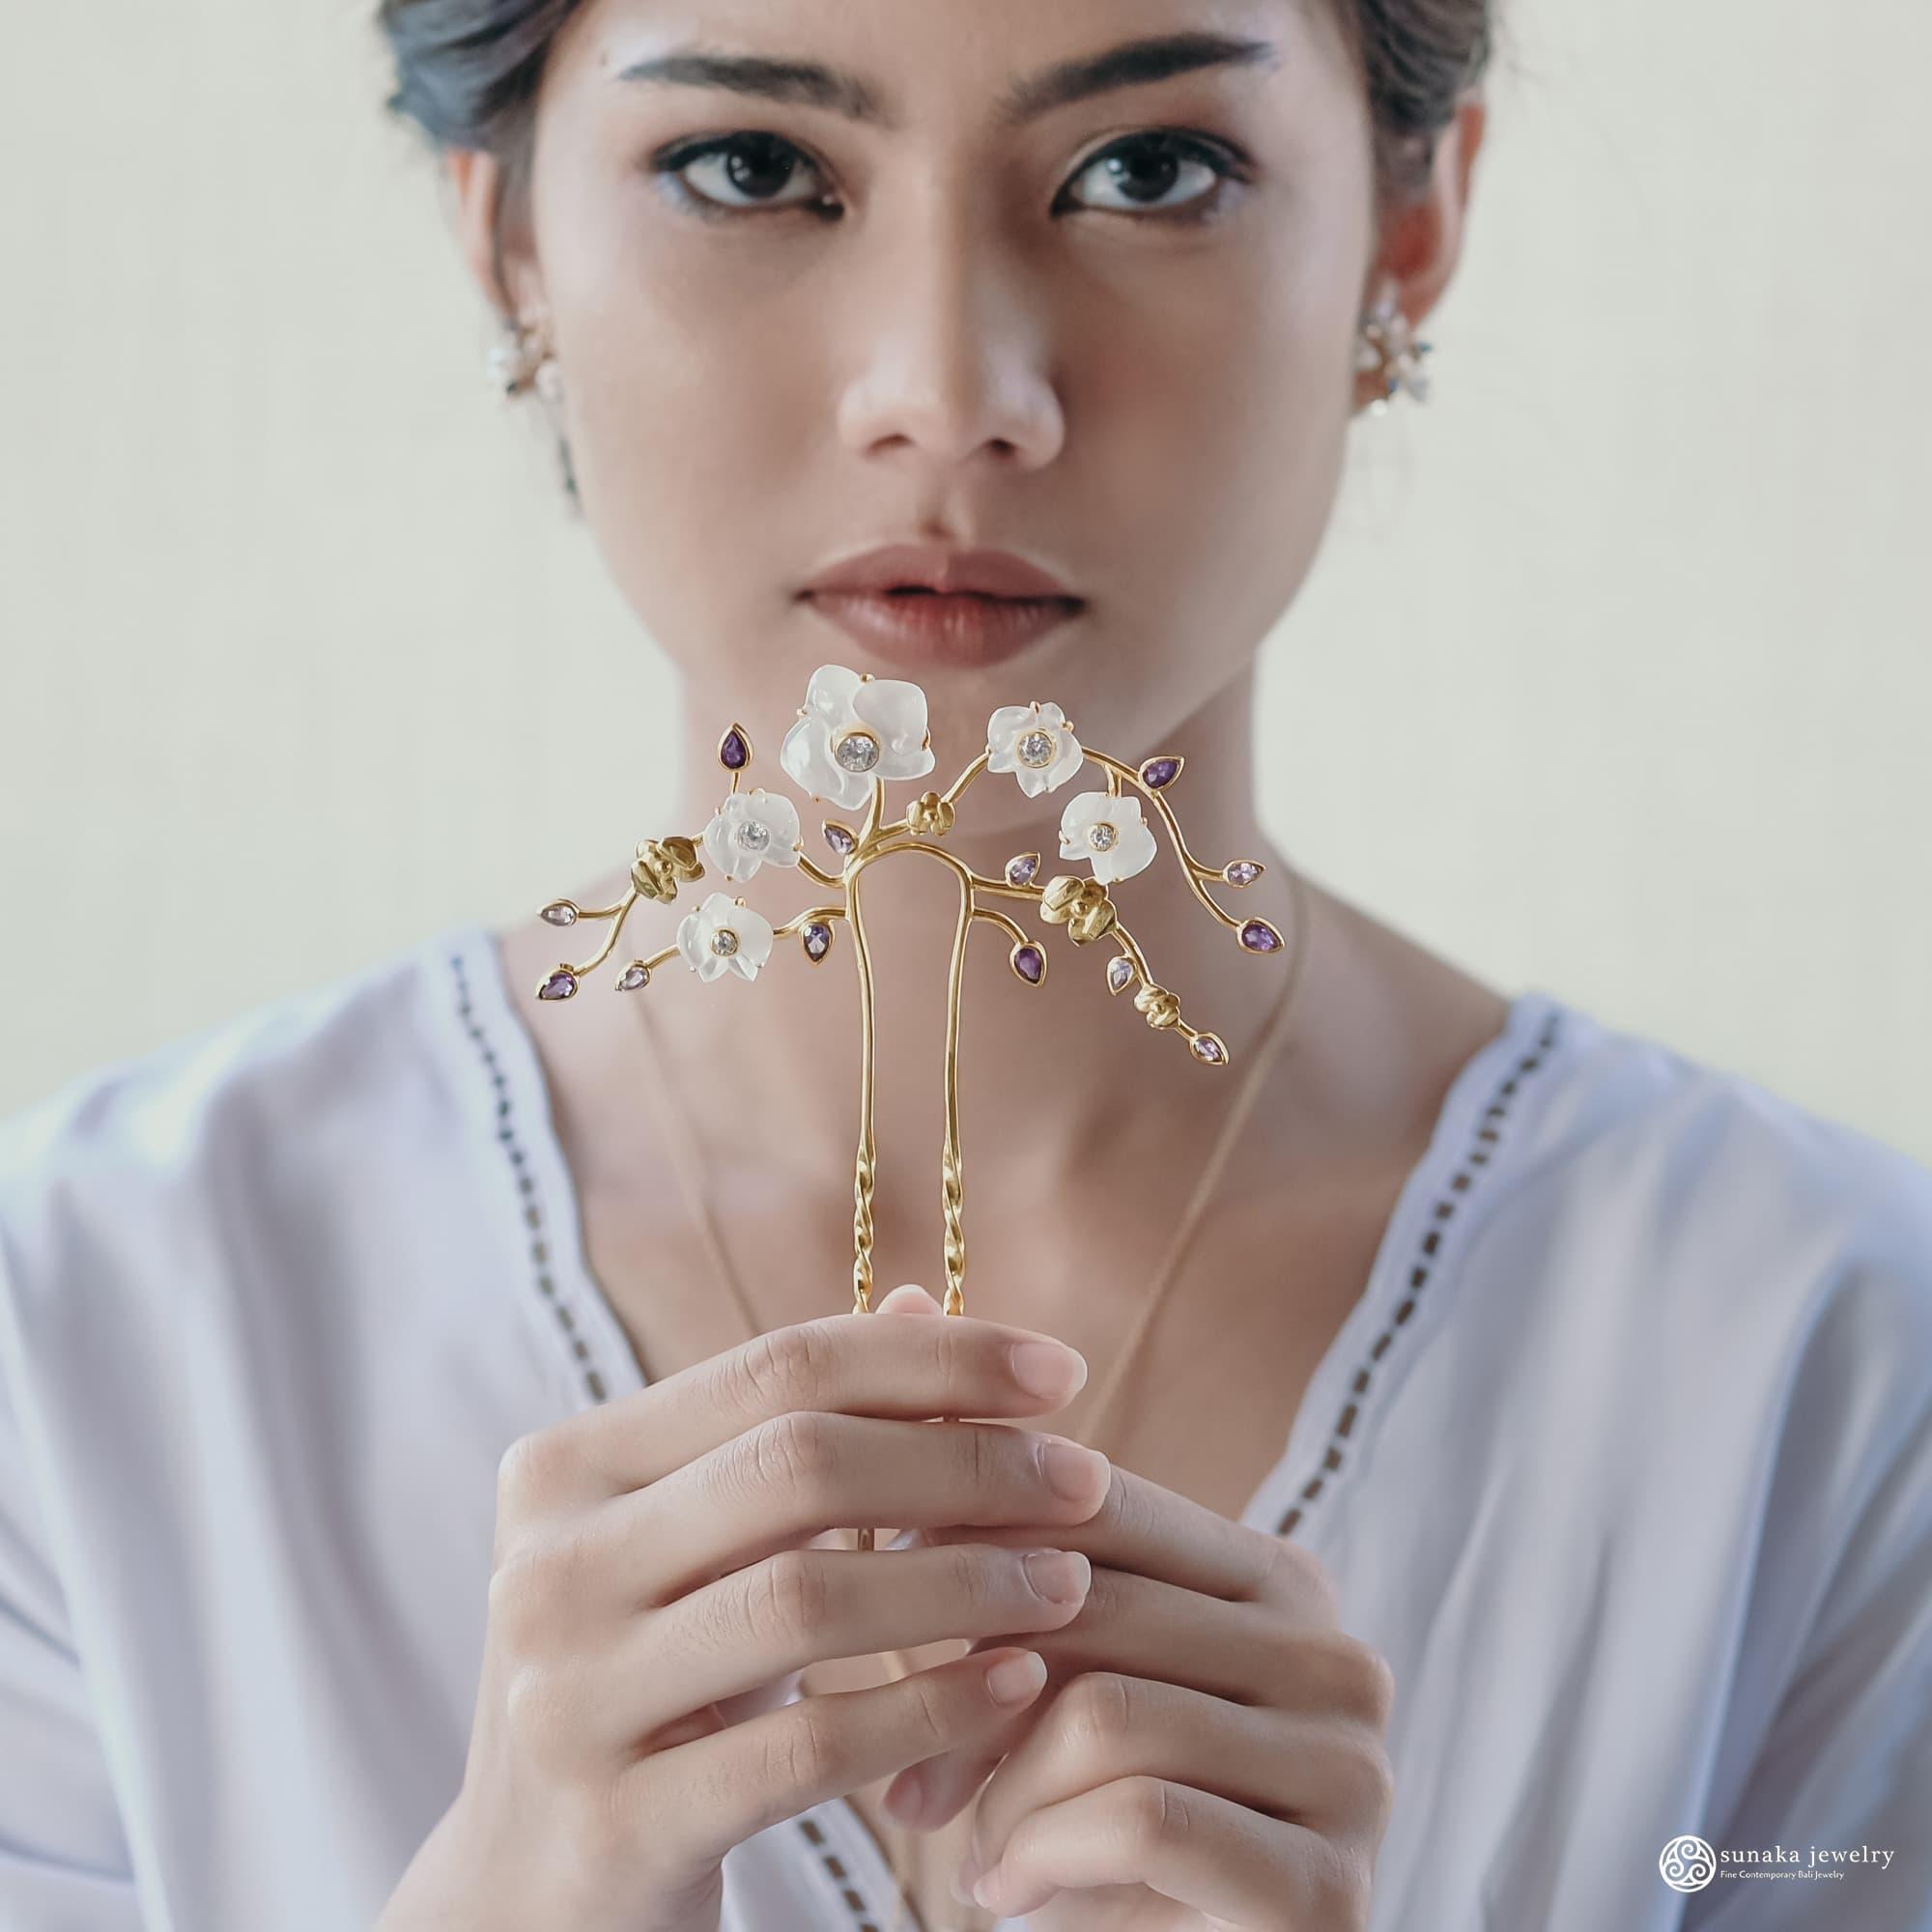 Hairpiece Tusuk Rambut Koleksi Anggrek by Sunaka Jewelry 3